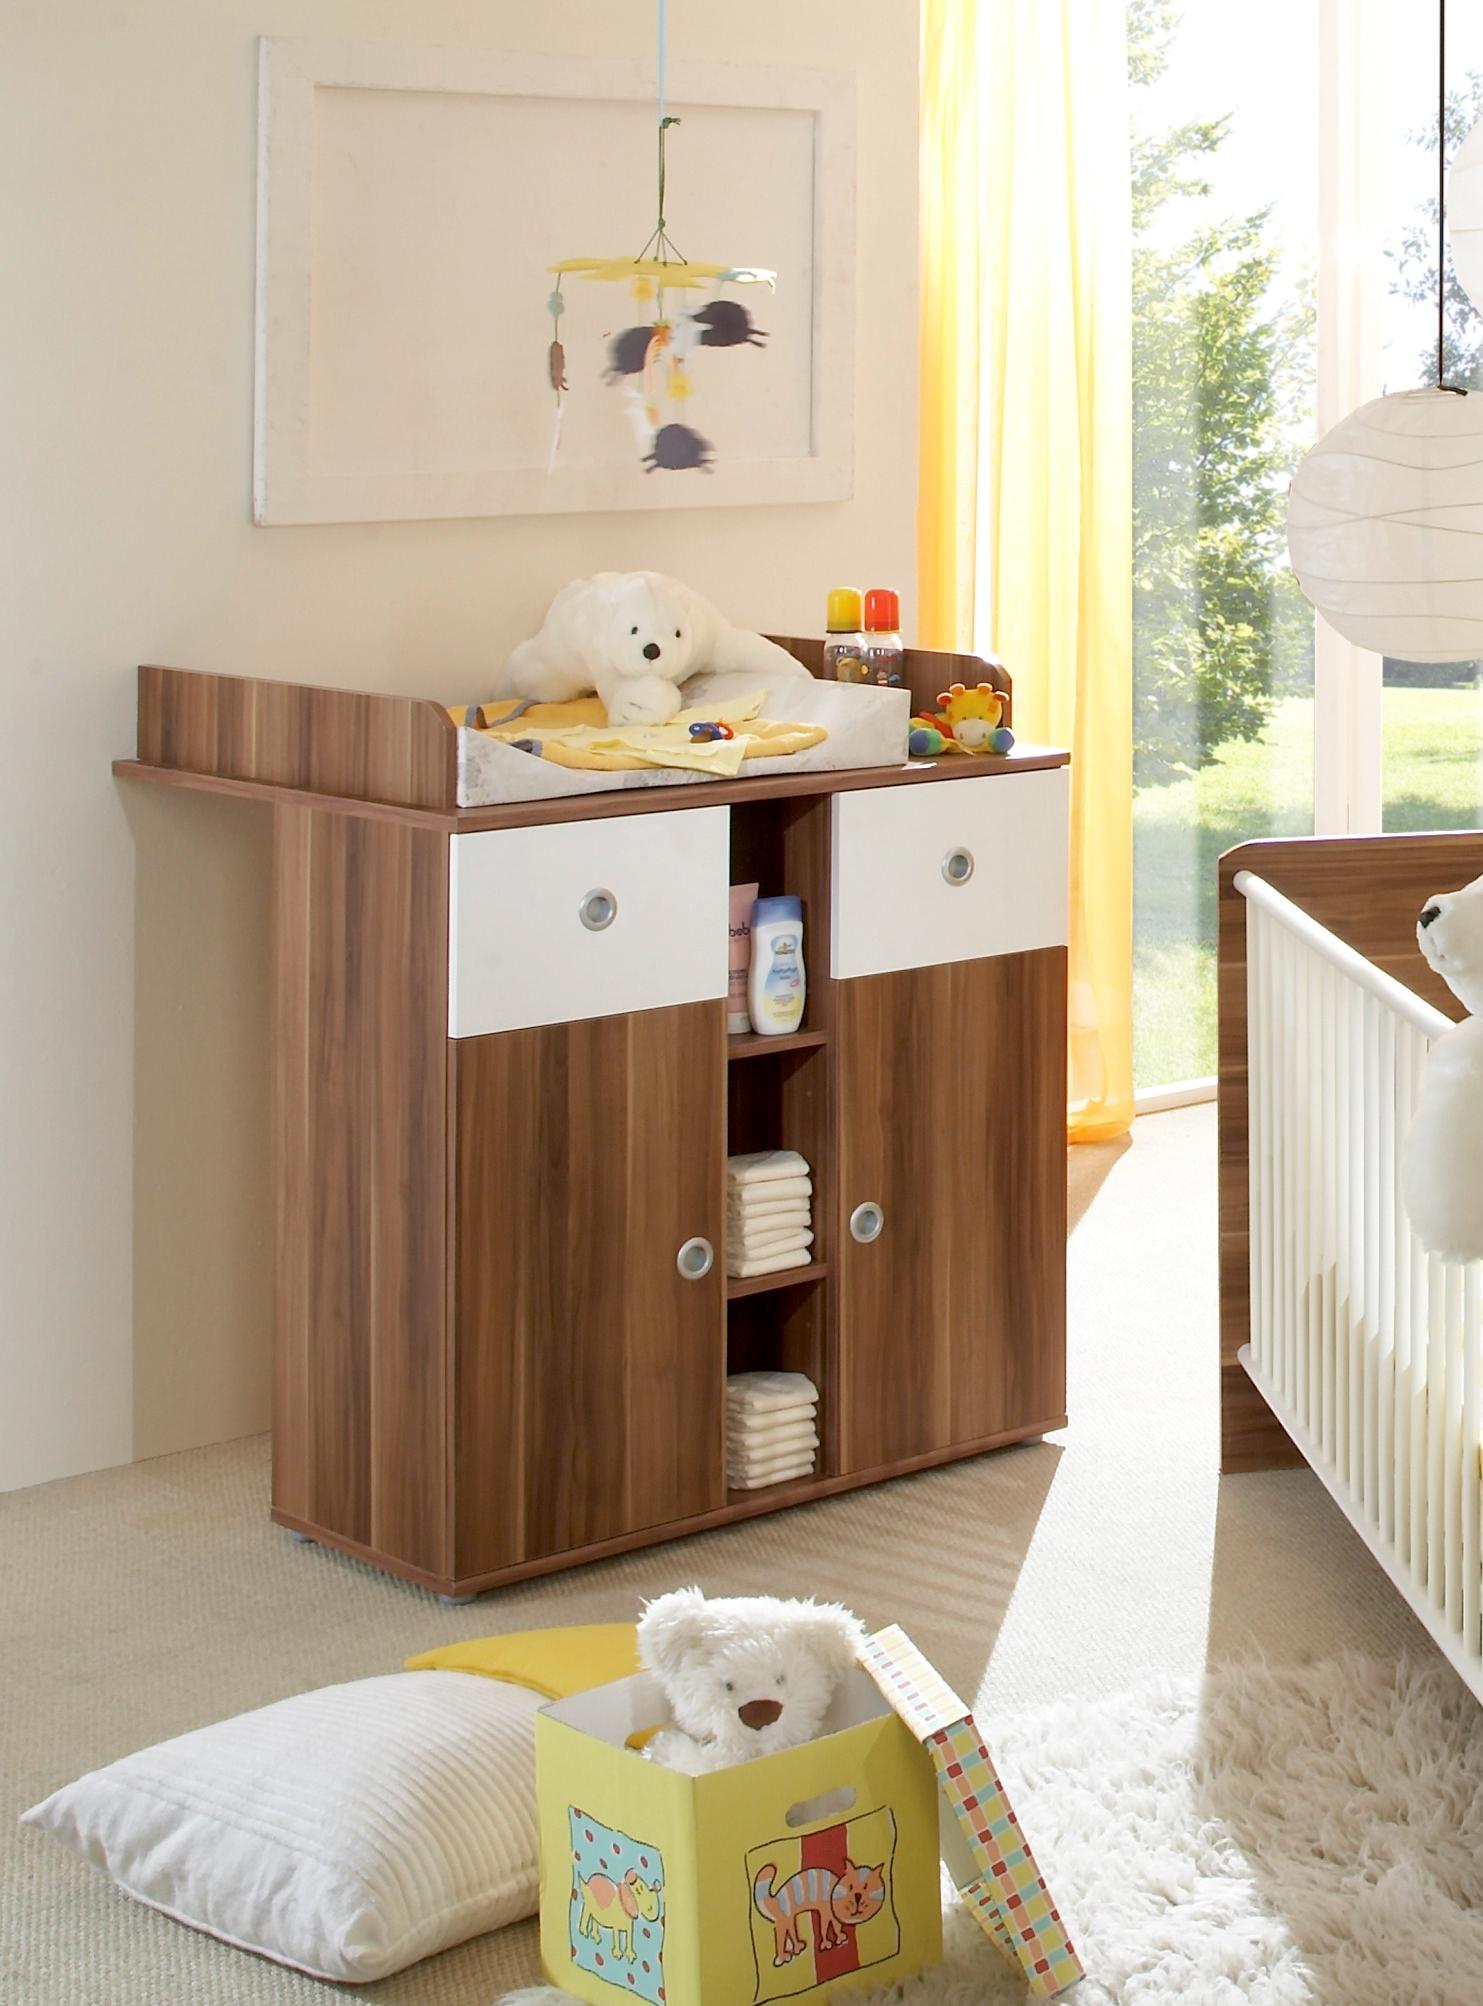 Babyzimmer Set Babymobel Wiki Wickelkommode Bett Regal Schrank Walnuss Weiss Ebay